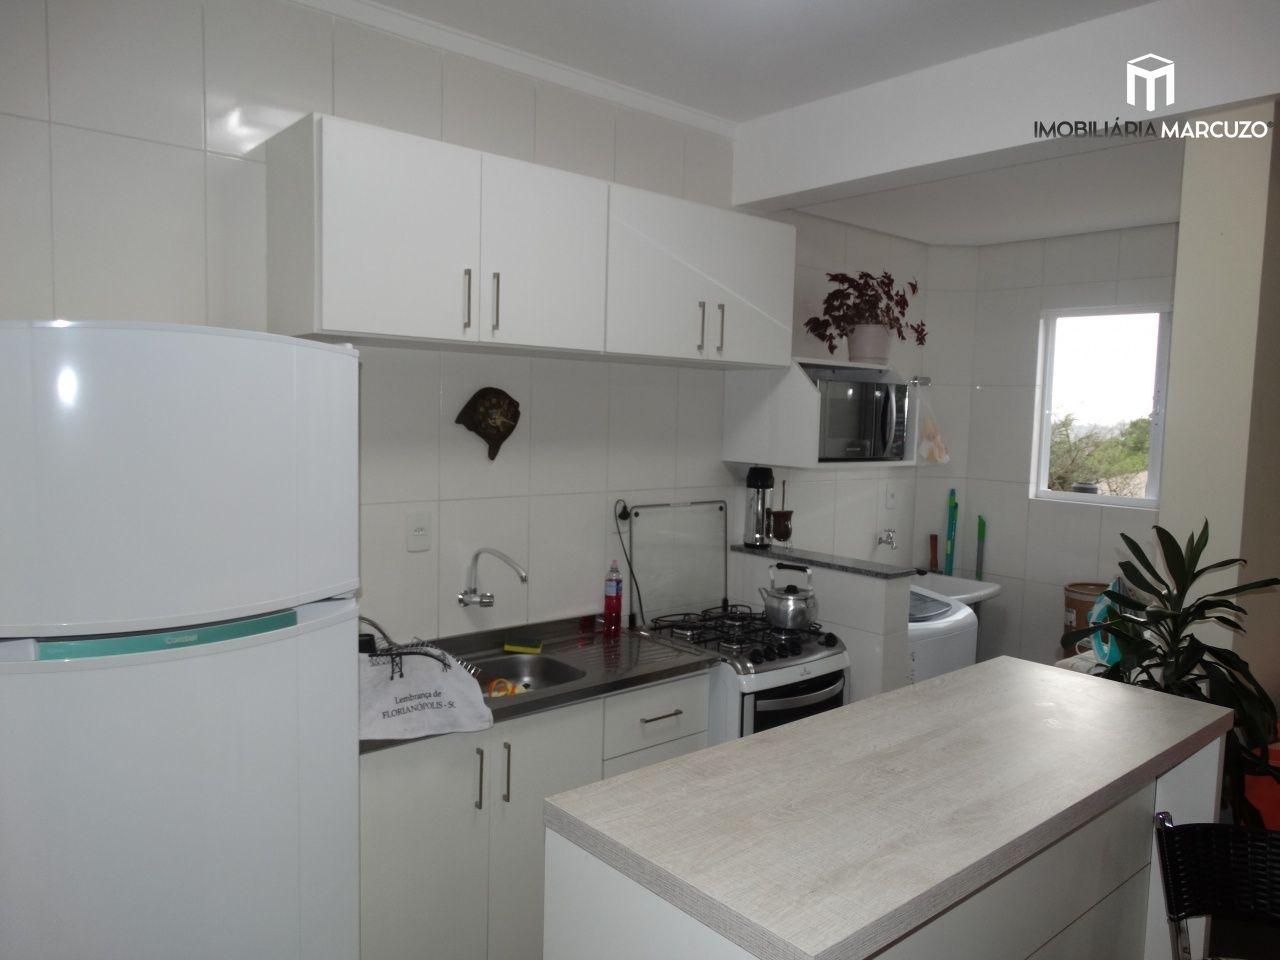 Apartamento com 2 Dormitórios à venda, 65 m² por R$ 293.000,00